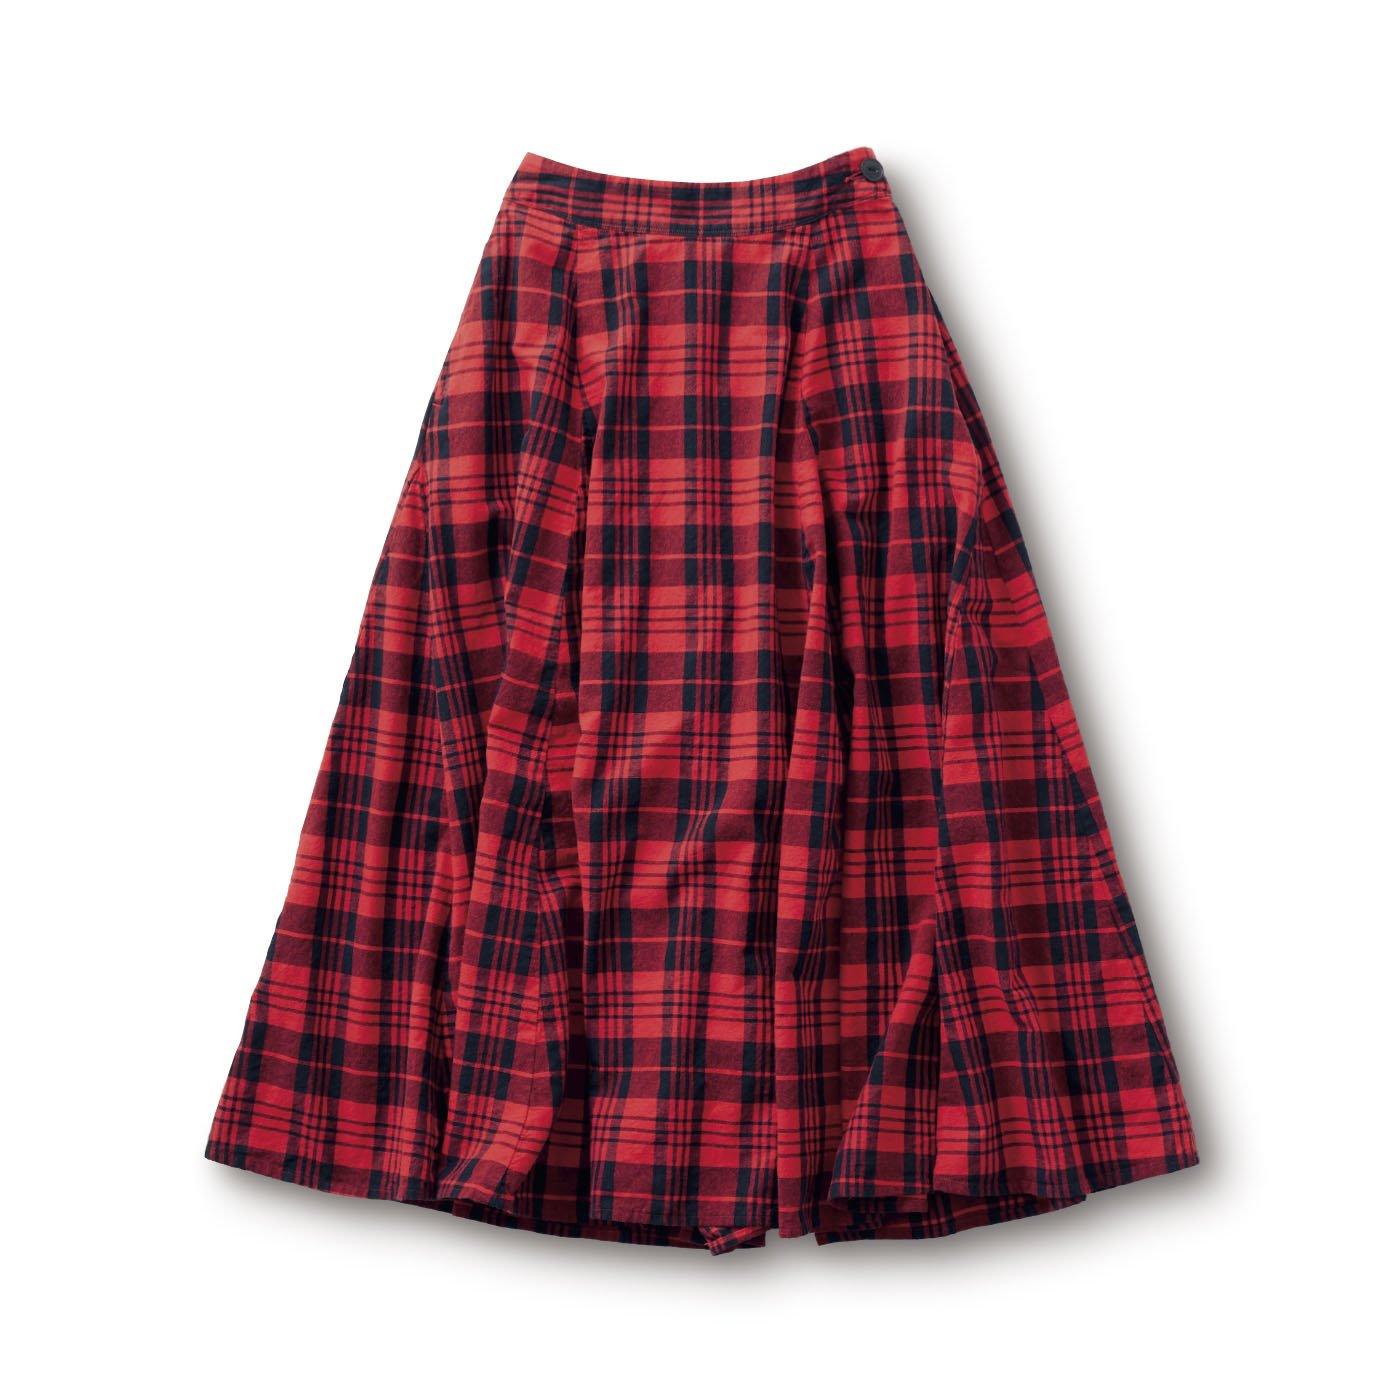 サニークラウズ 赤いチェックのスカート〈レディース〉